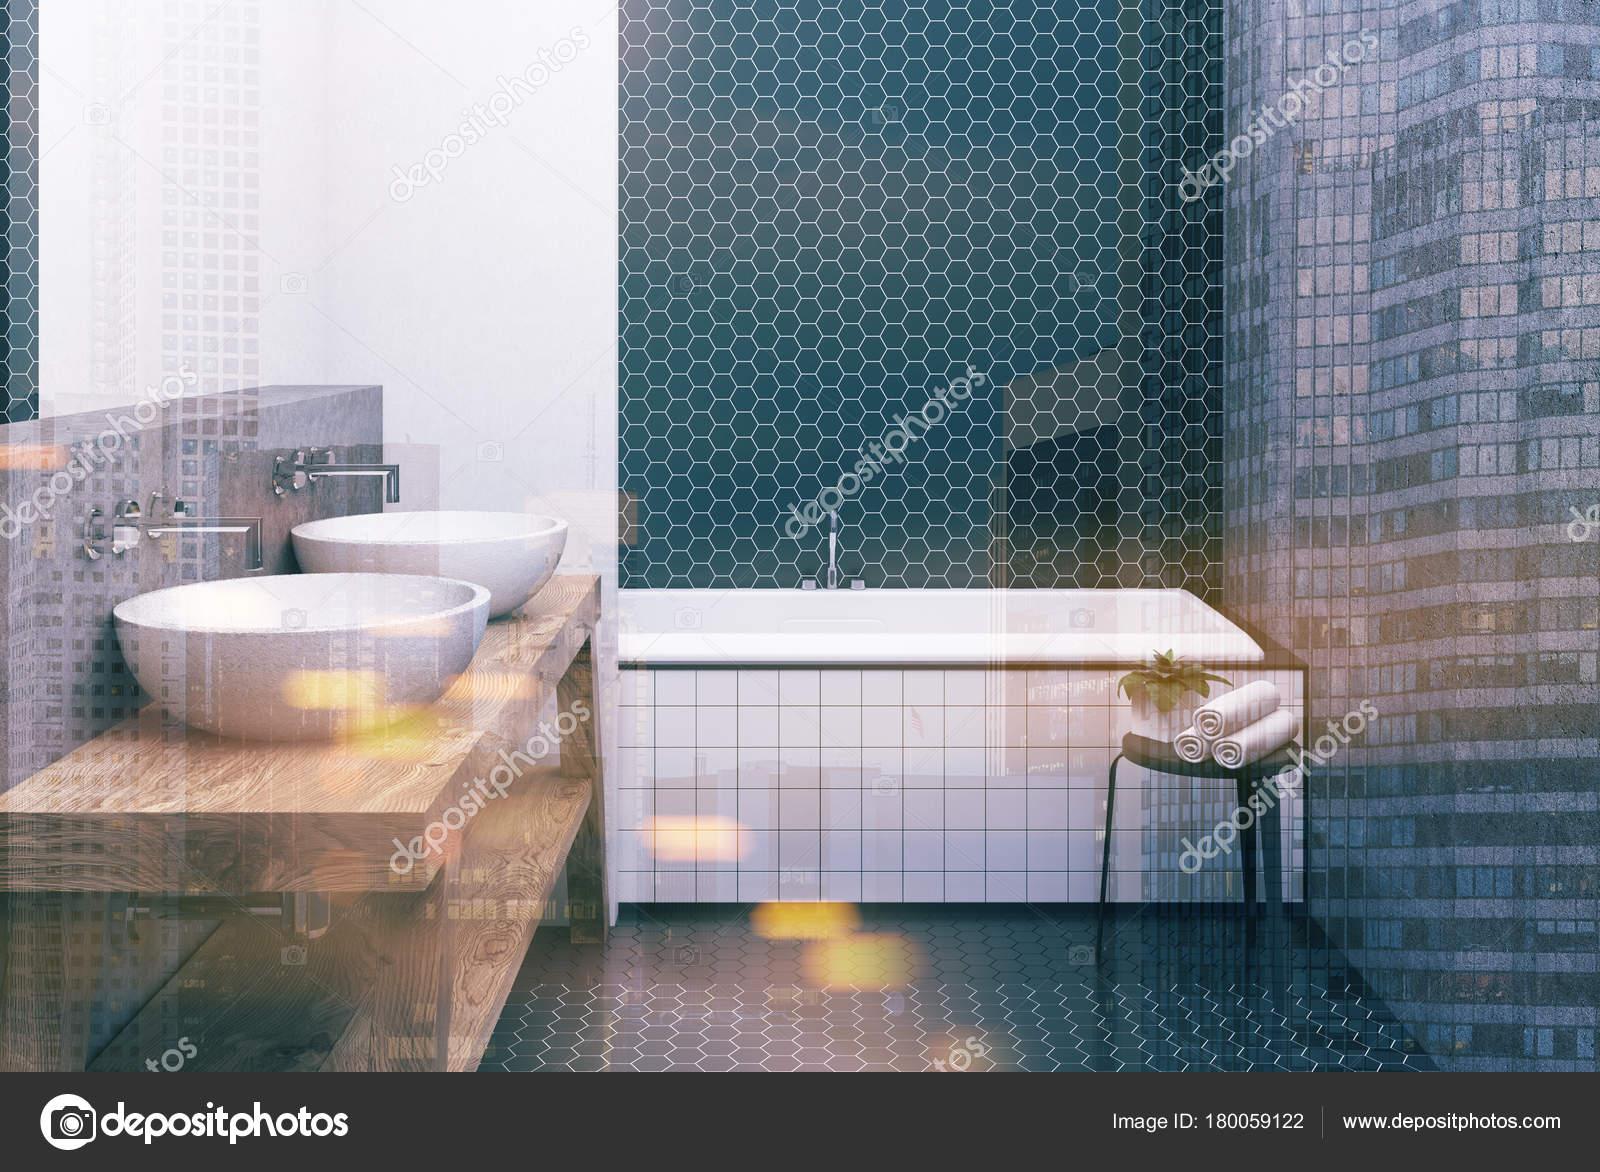 Bagno esagonale rivestito di piastrelle bianca e nera vasca